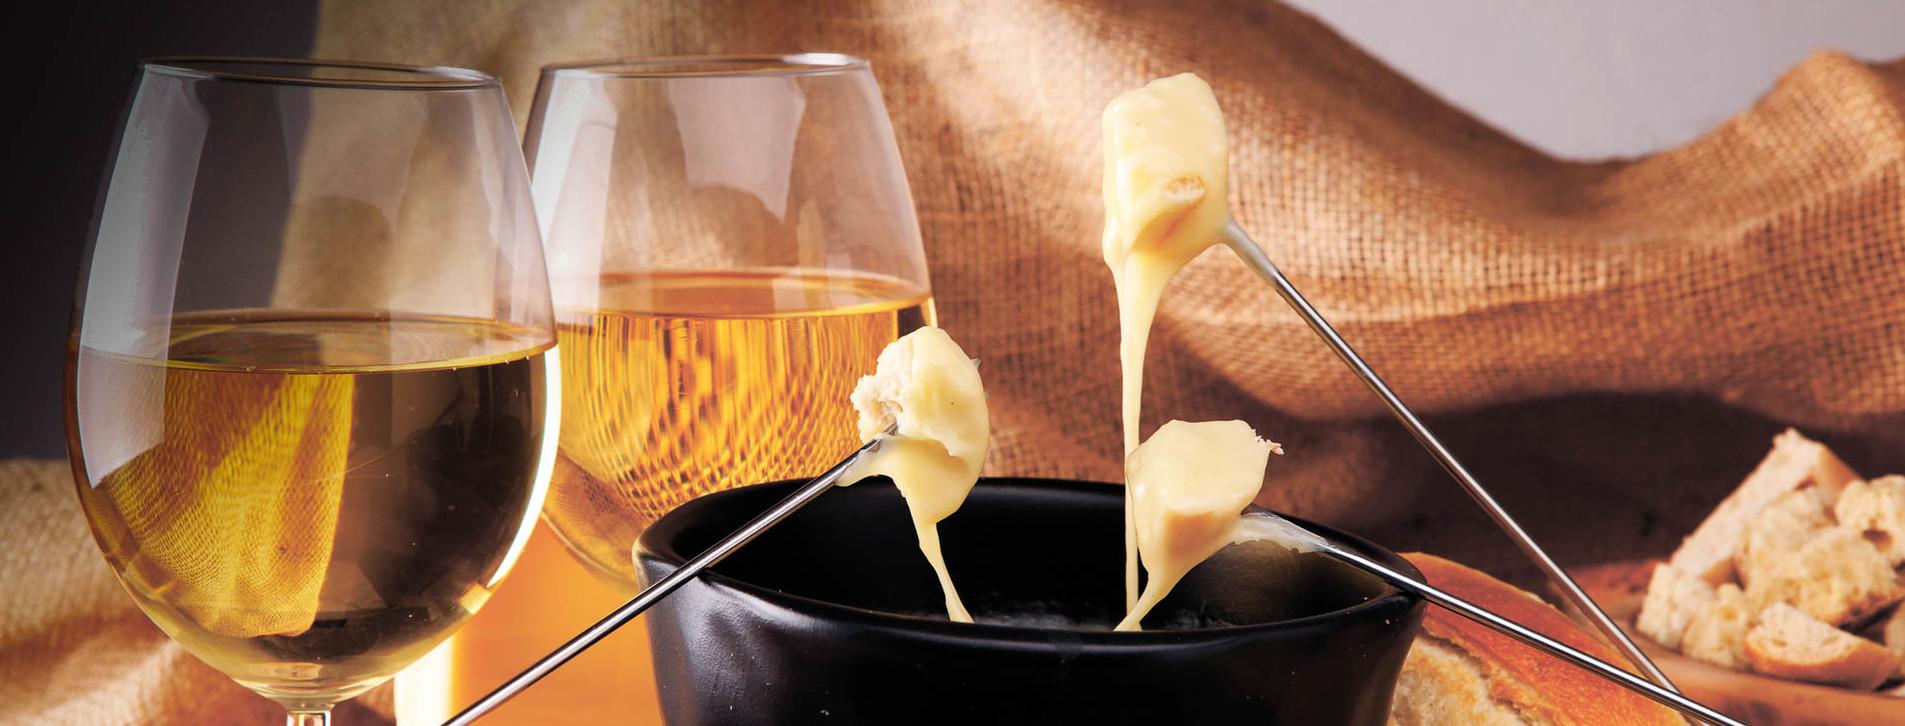 Фото 1 - Вино и фондю для компании